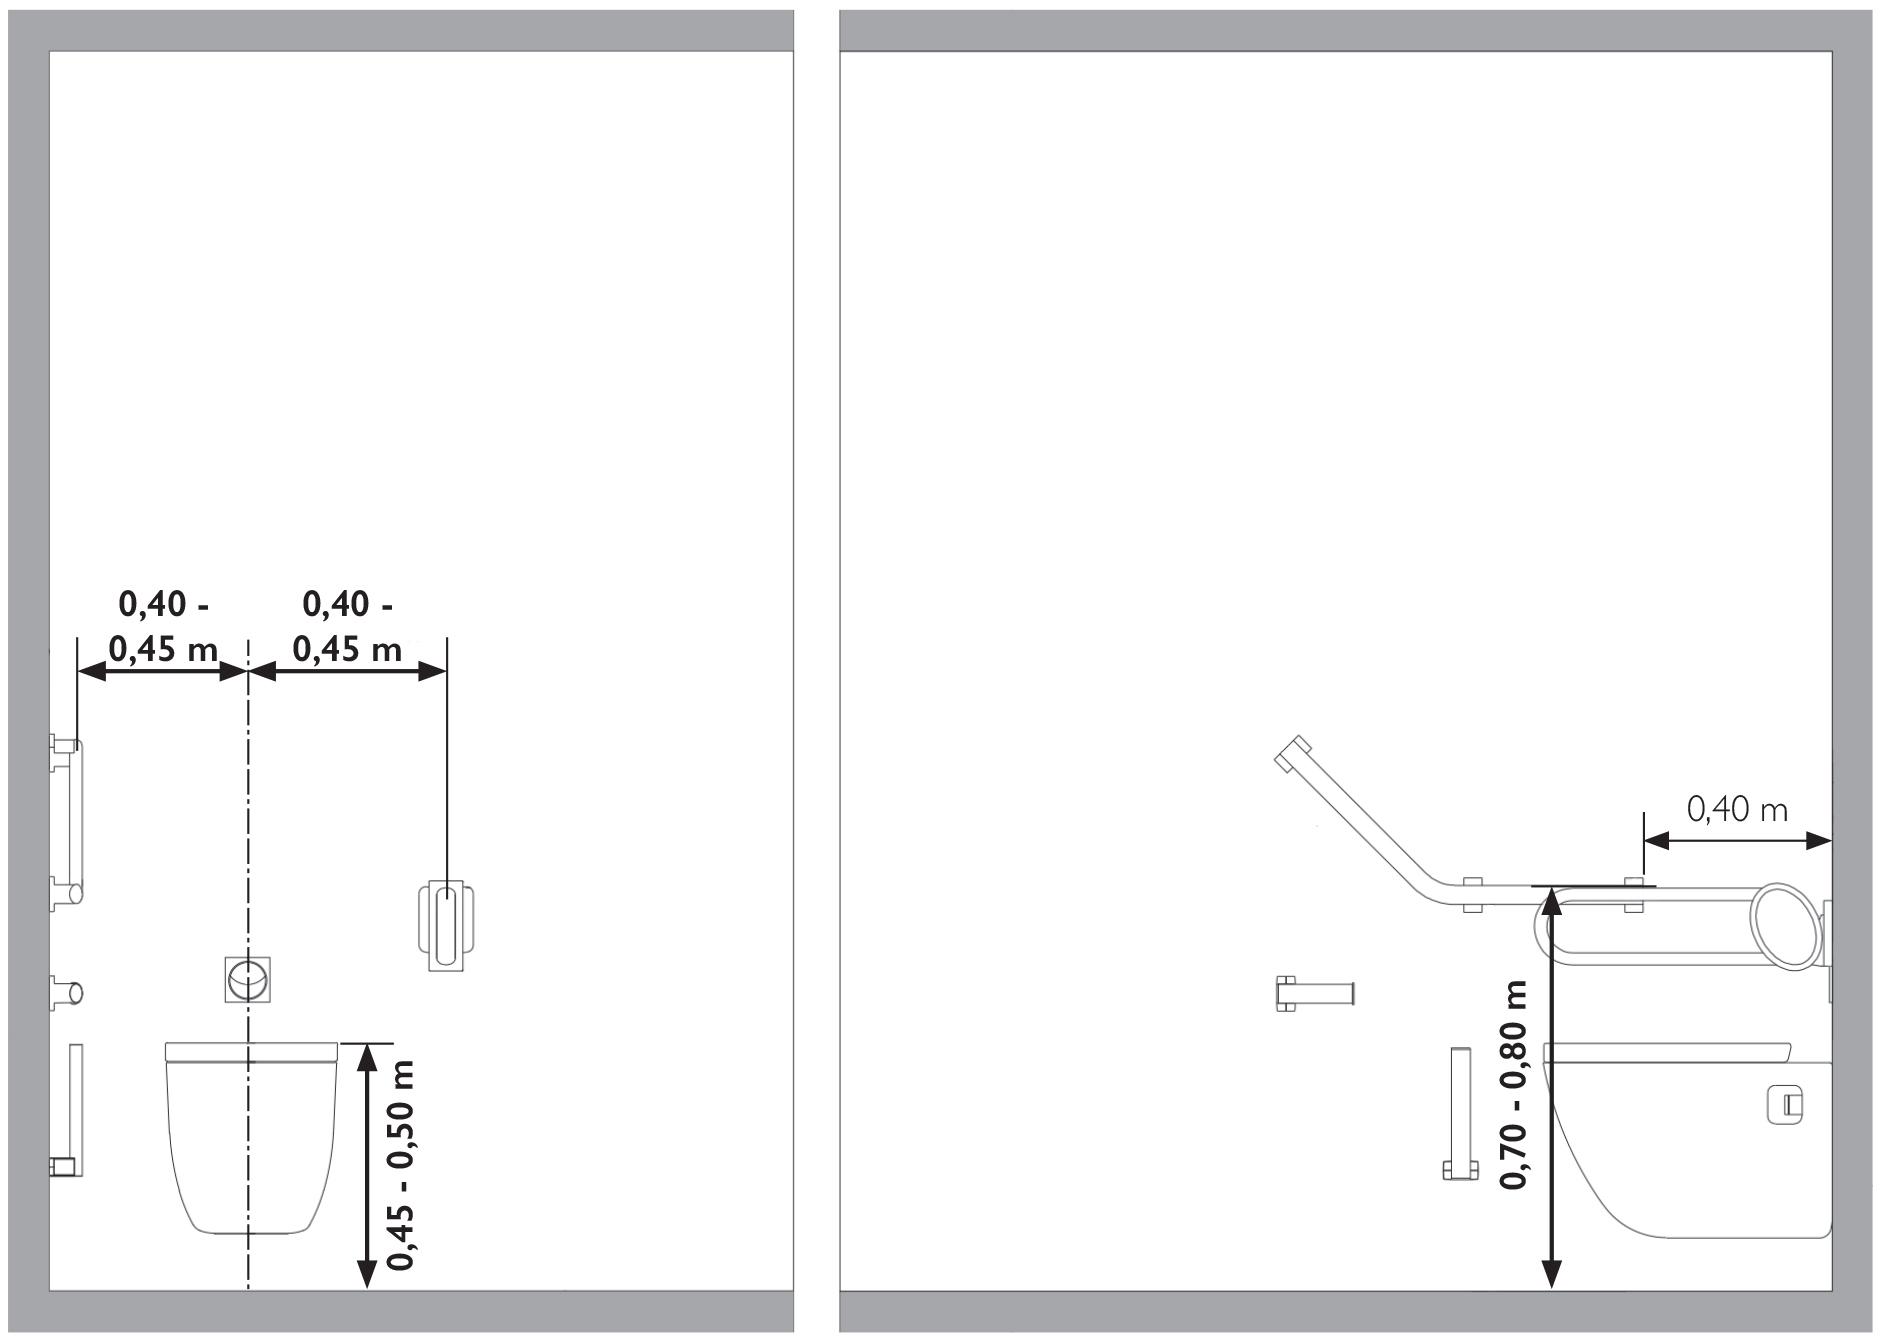 Conseils de pose accessoires salle de bain & sanitaires - PELLET ASC ...